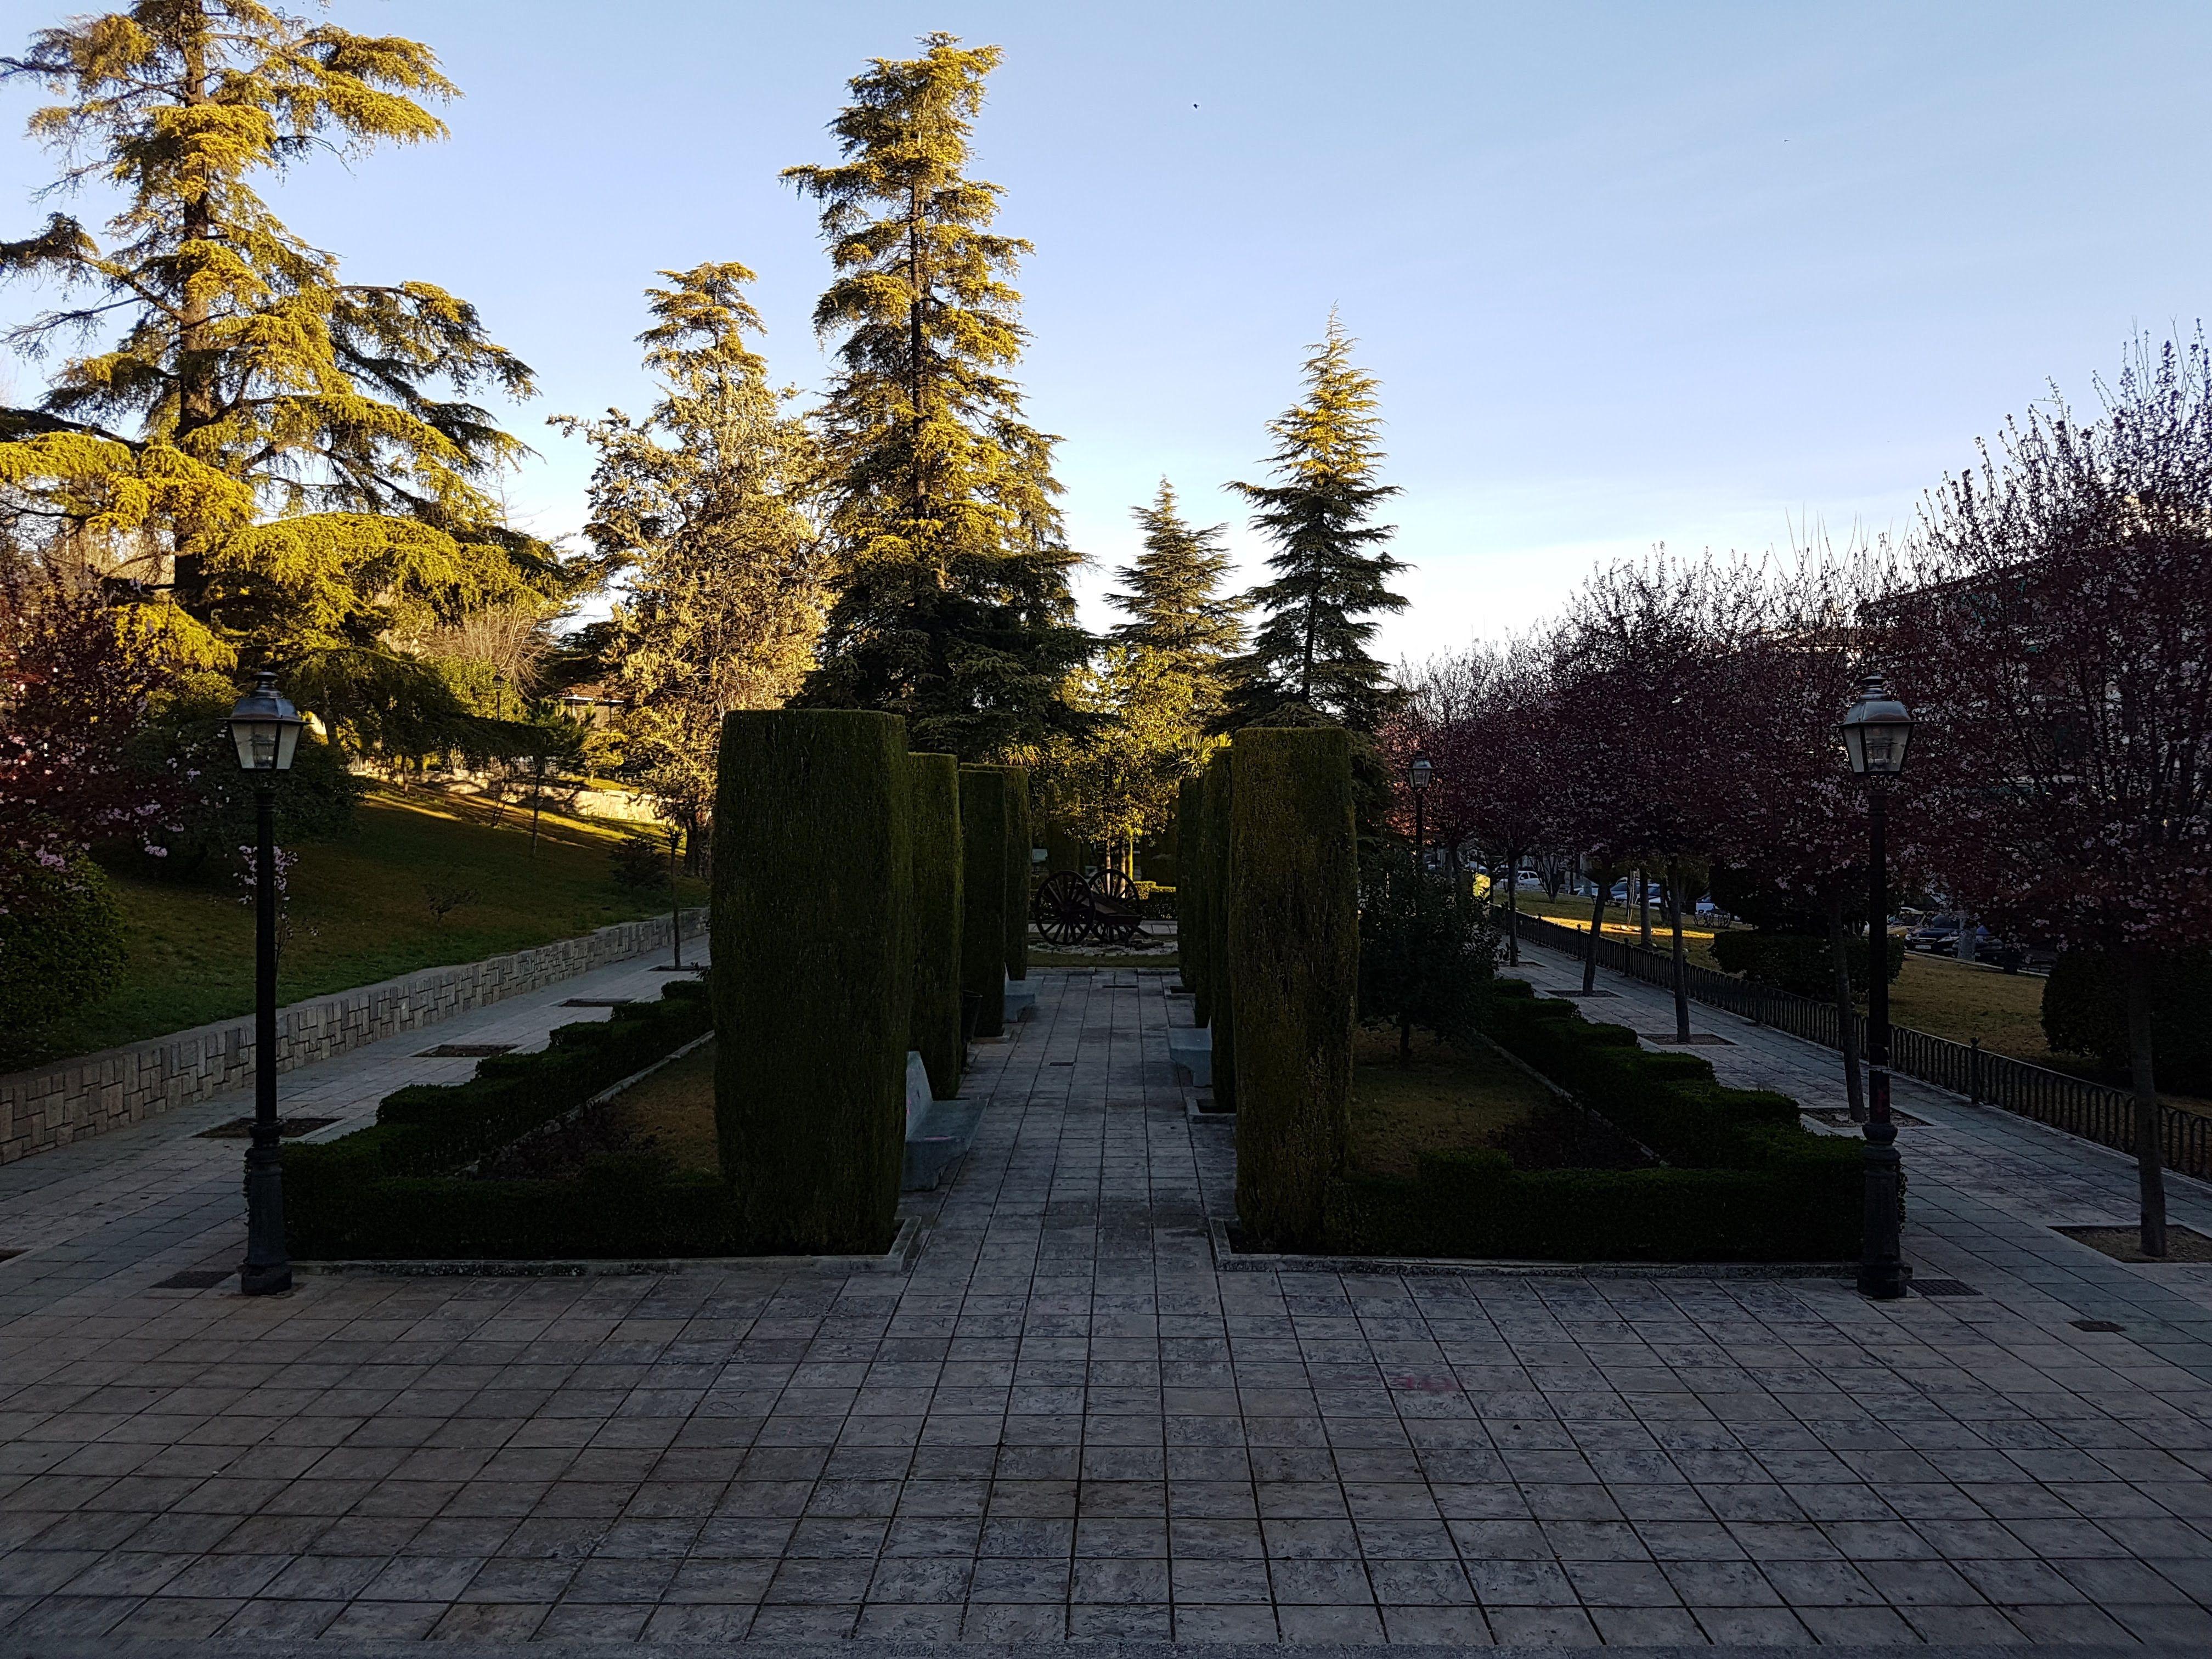 parque Manuel Carrasco de Martos, Jaén